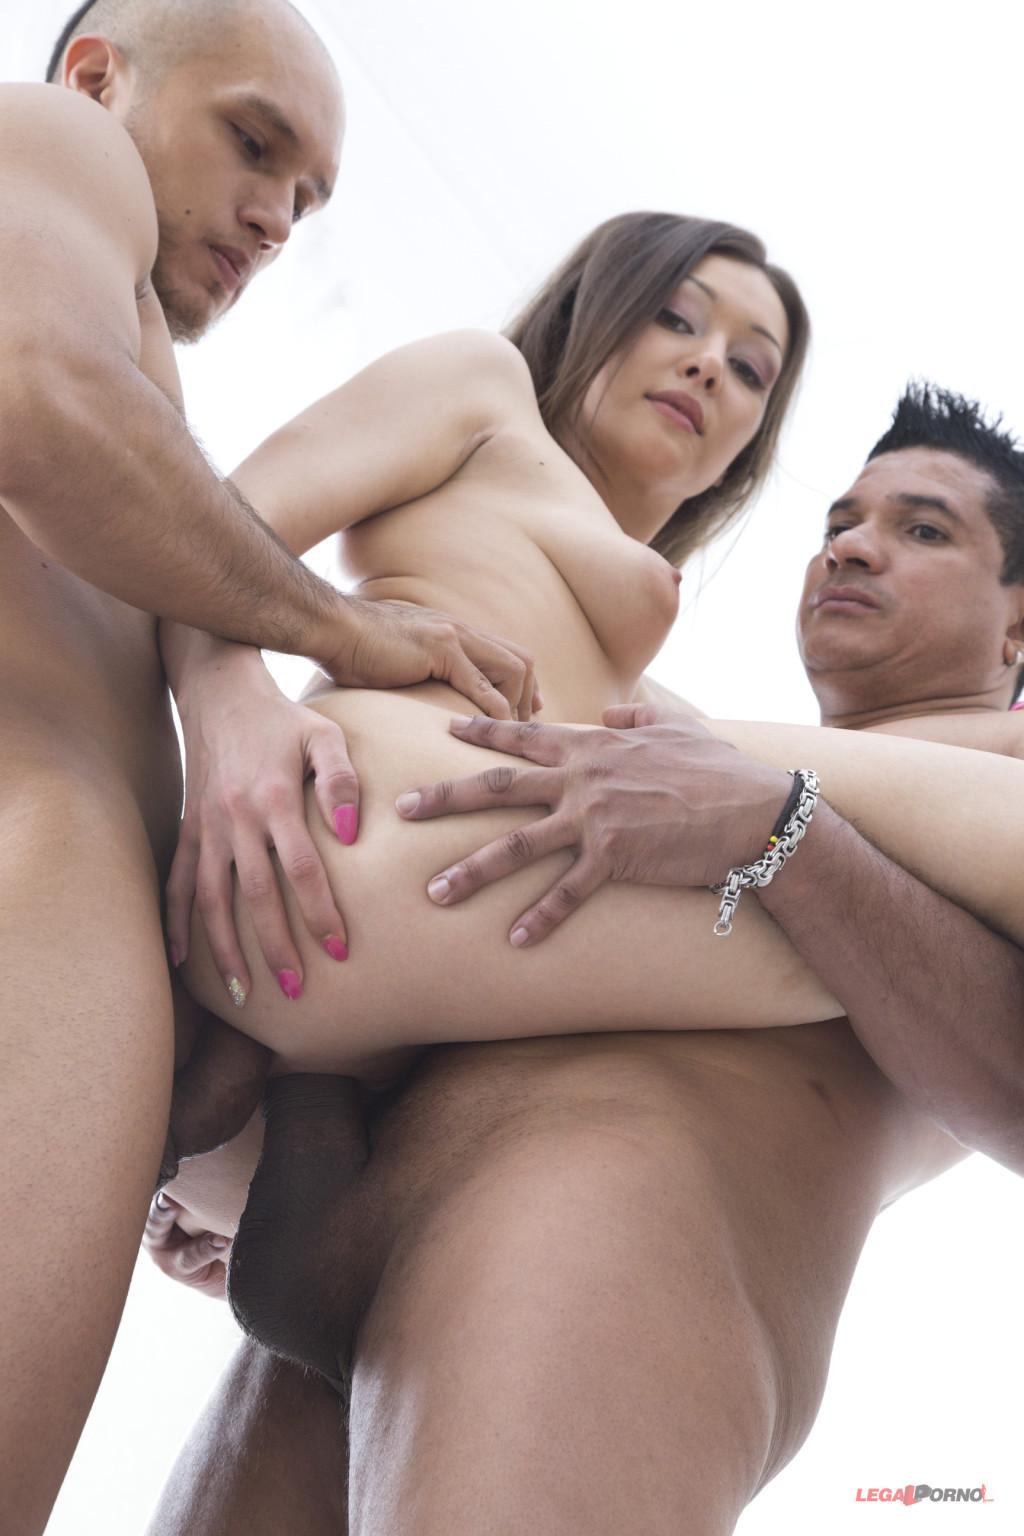 Дикий секс красивых телочек с молодыми пареньками которые их любят